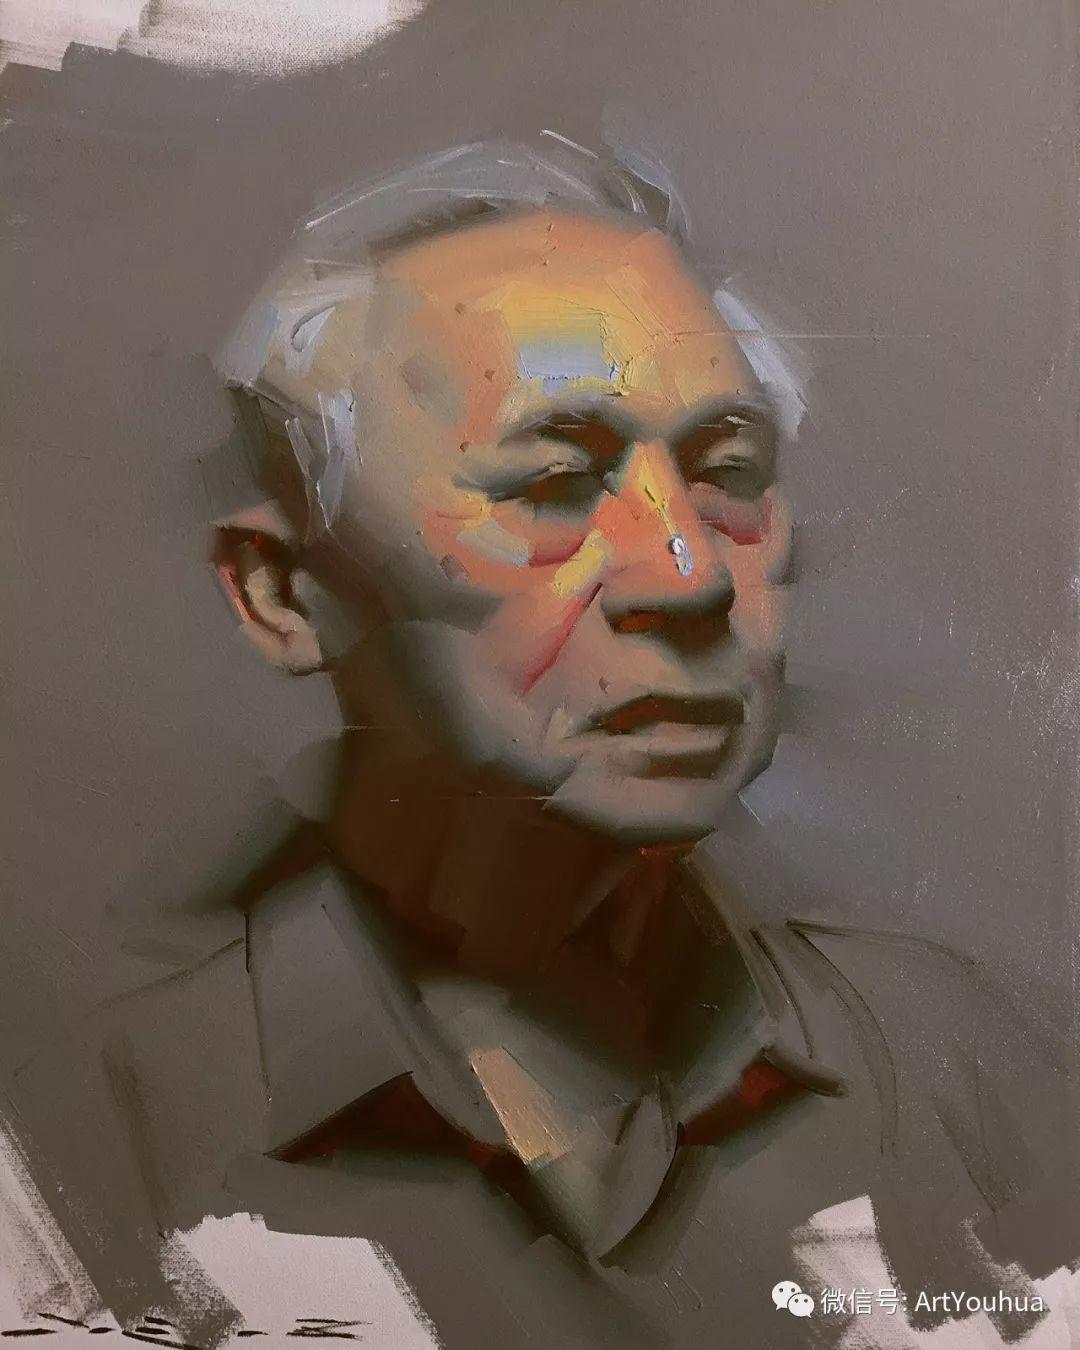 他的人物肖像绘画独具一格 还是位80后画家插图69